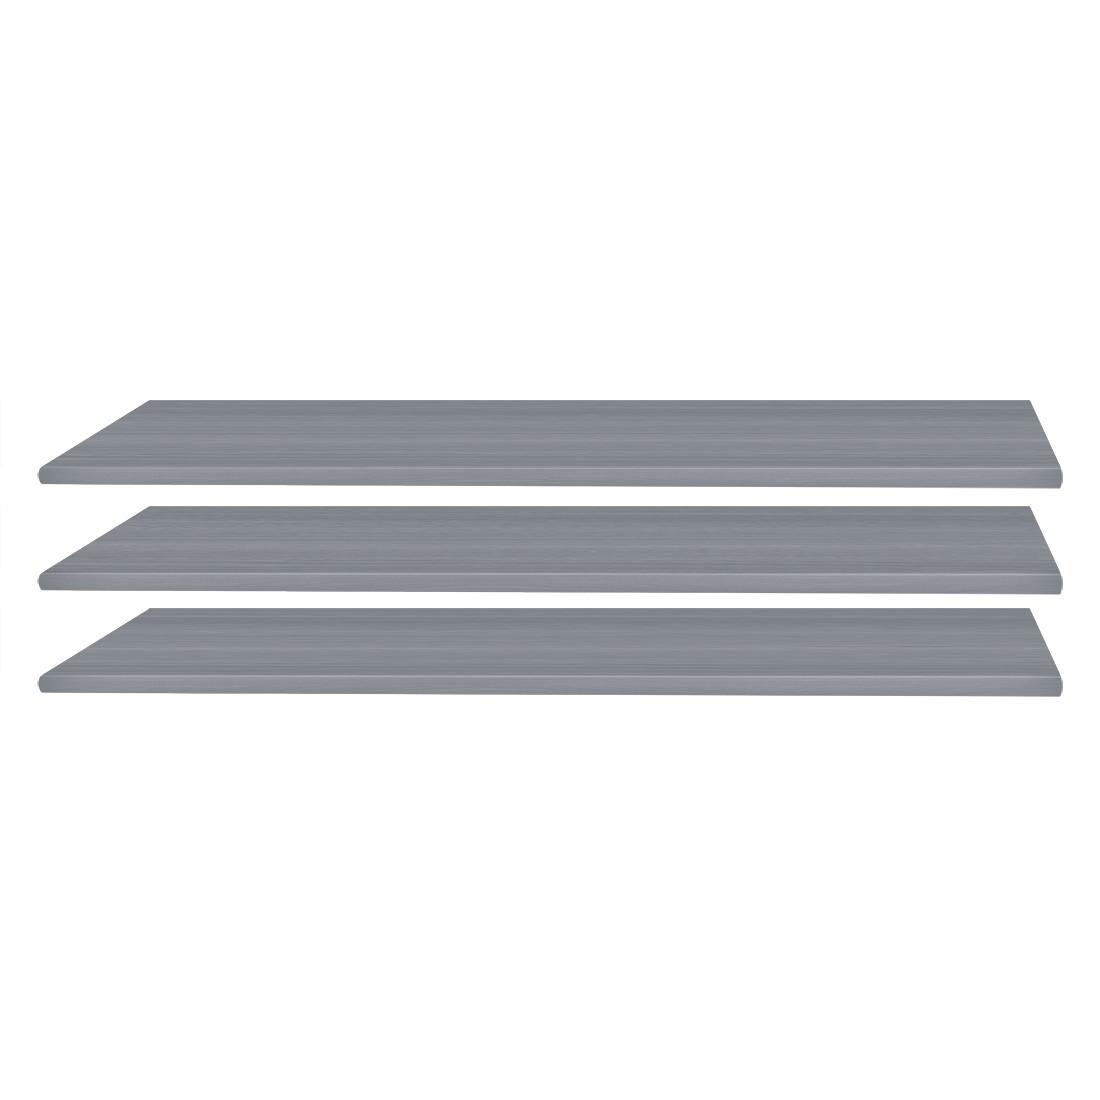 Wimex Einlegeboden Glauzig Grau 43x2x50 cm (BxHxT) Spanplatte